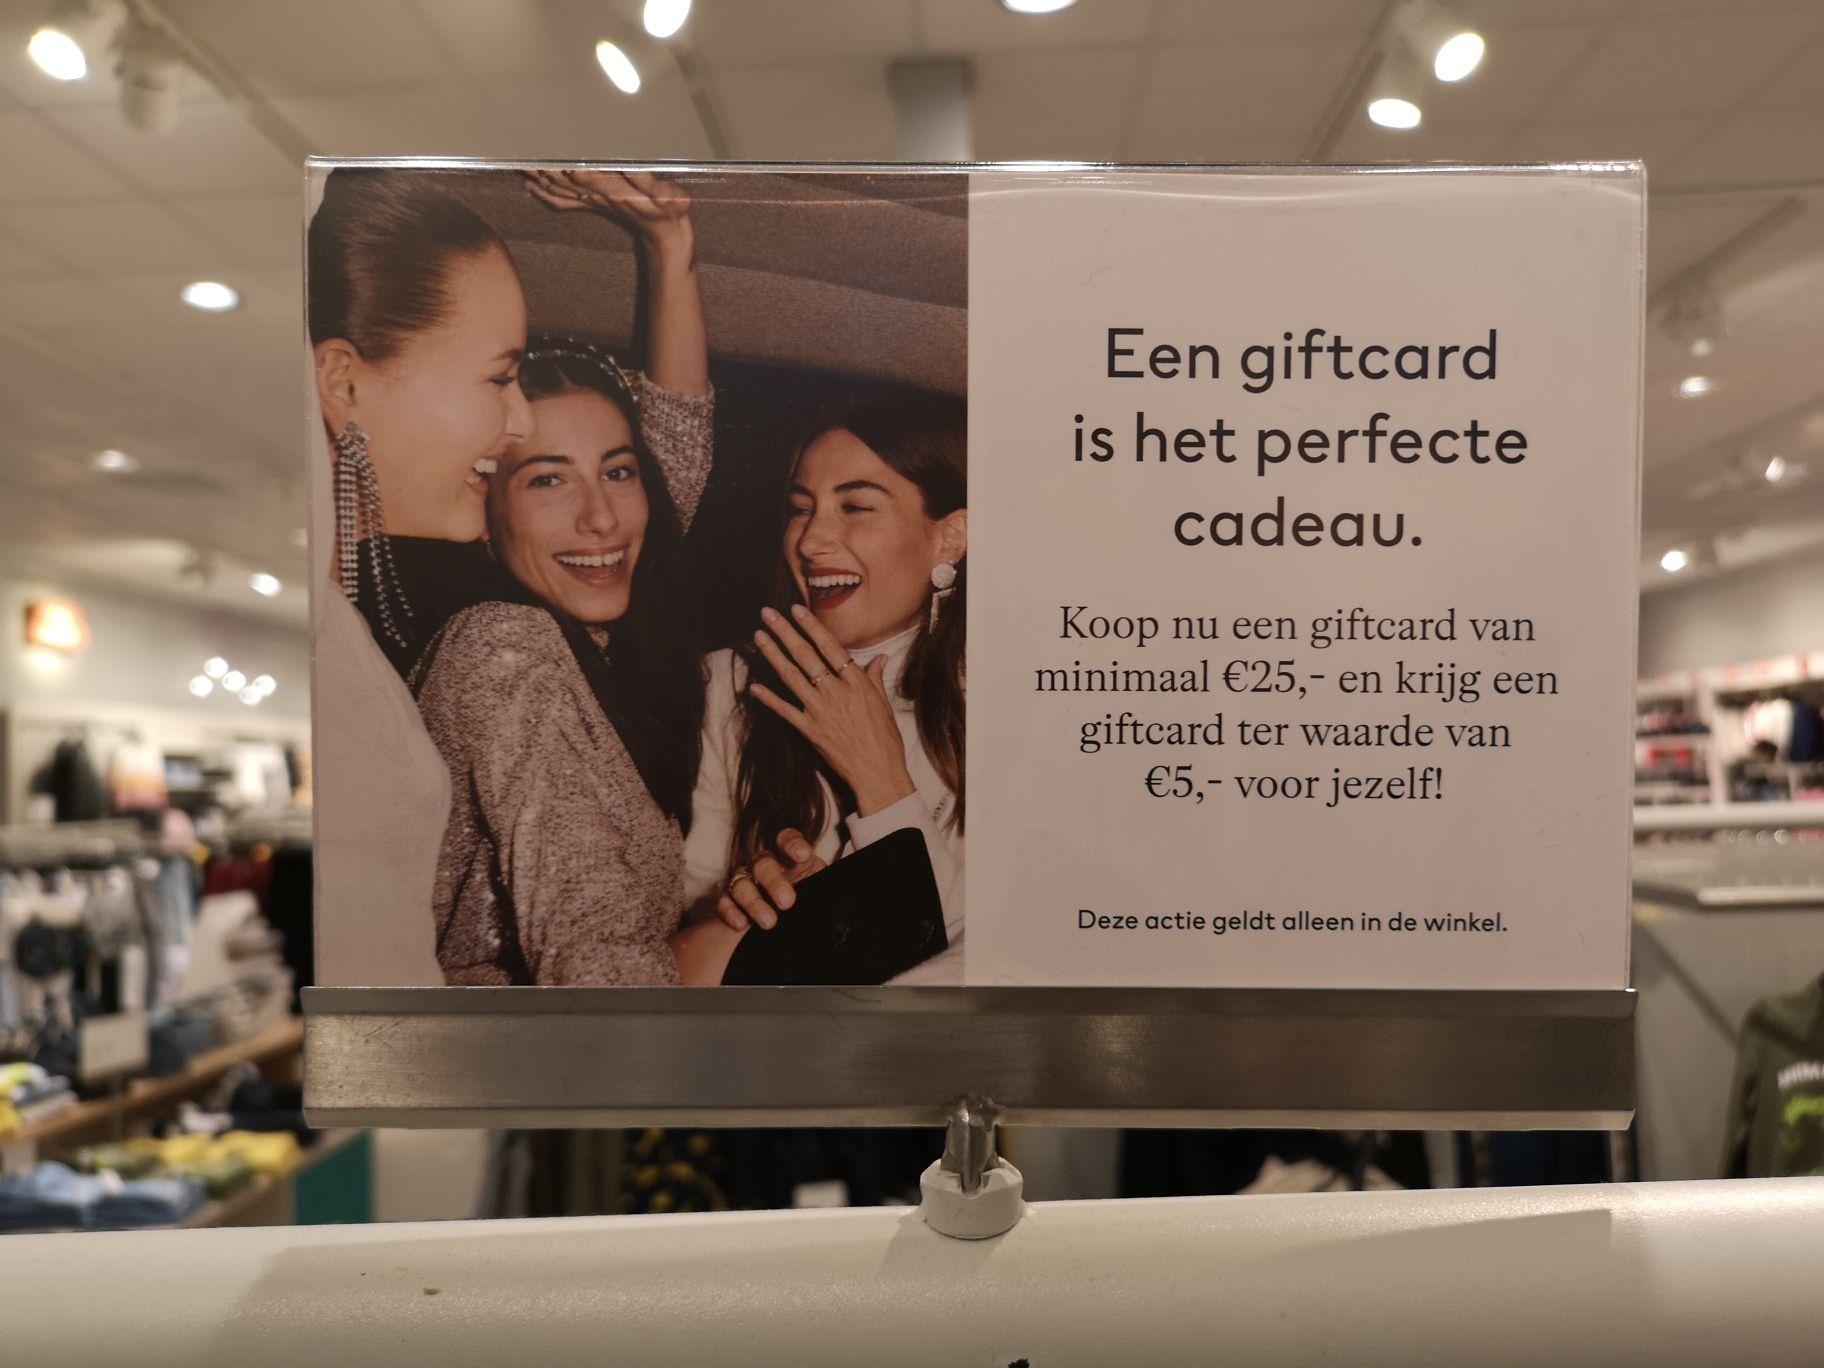 H&M giftcard twv €5 bij aanschaf giftcard 25€